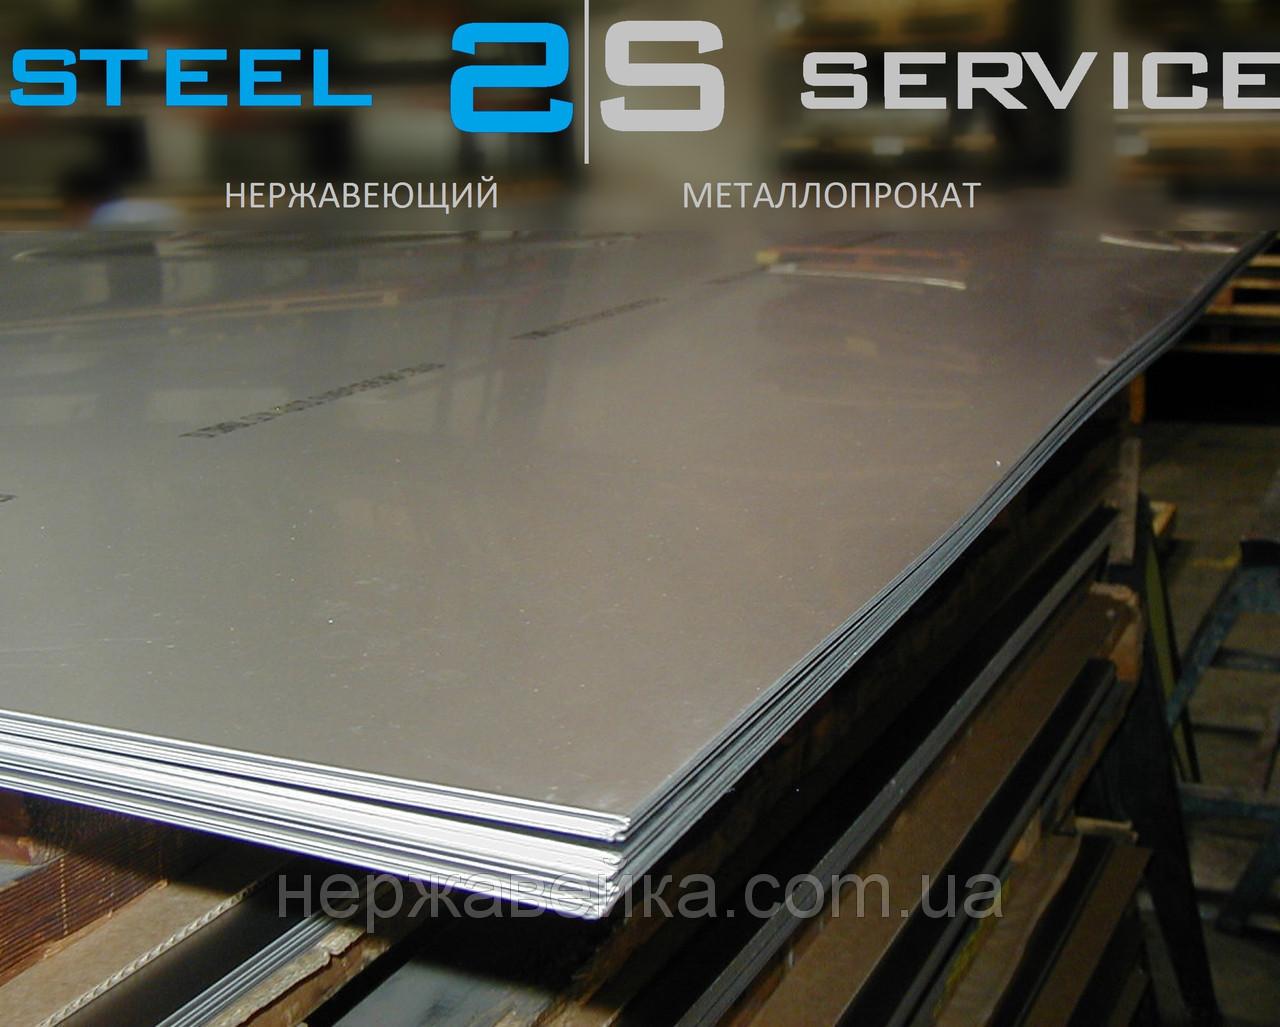 Нержавейка лист 8х1250х2500мм  AISI 321(08Х18Н10Т) F1 - горячекатанный,  пищевой